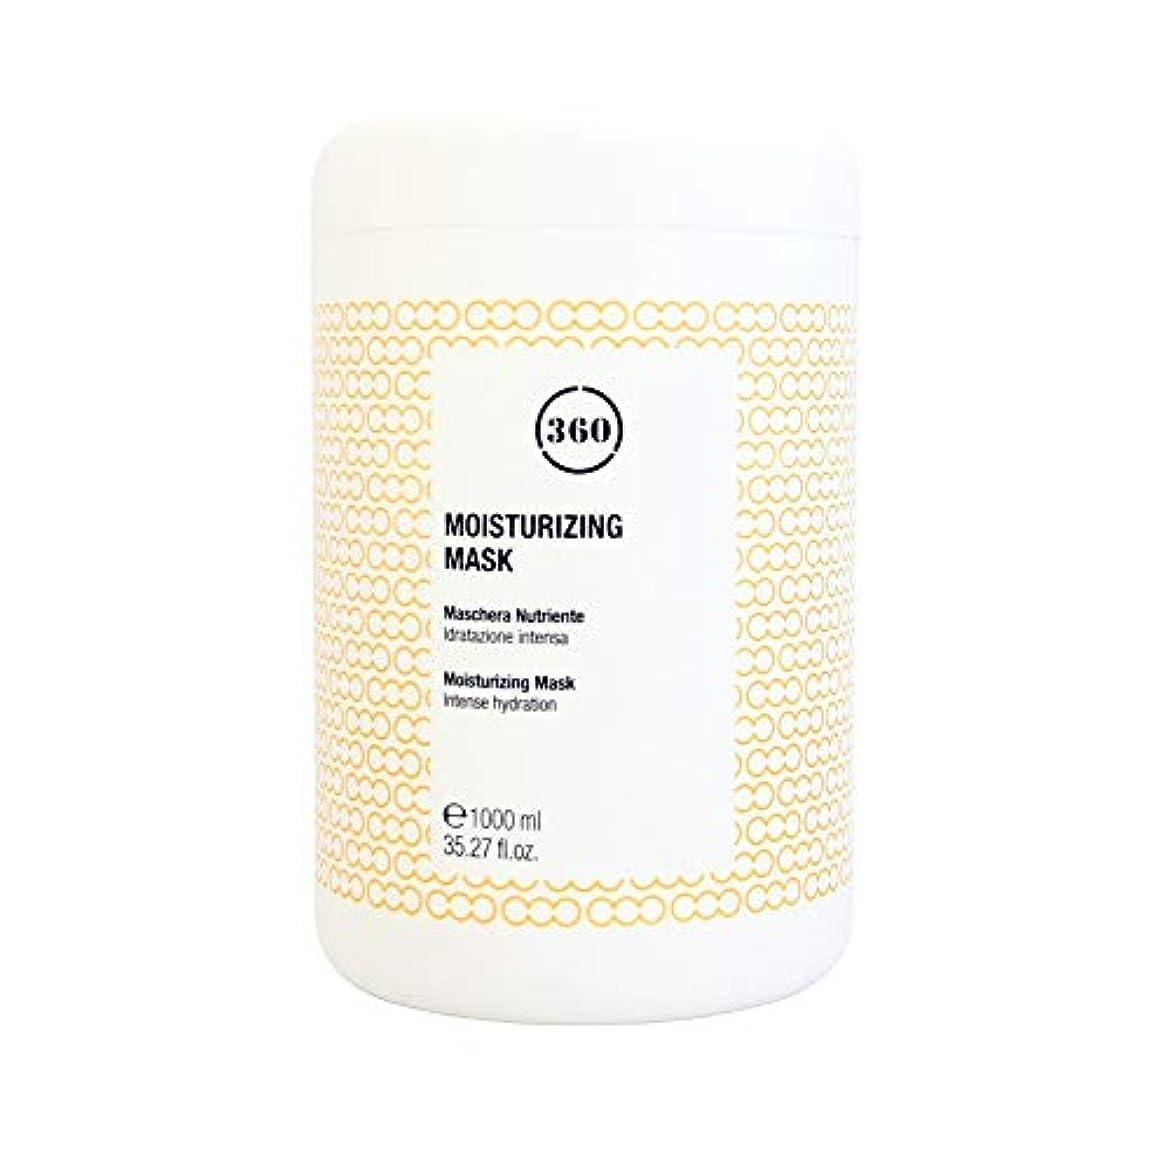 360ディープハイドレーションマスク - 1000 ml